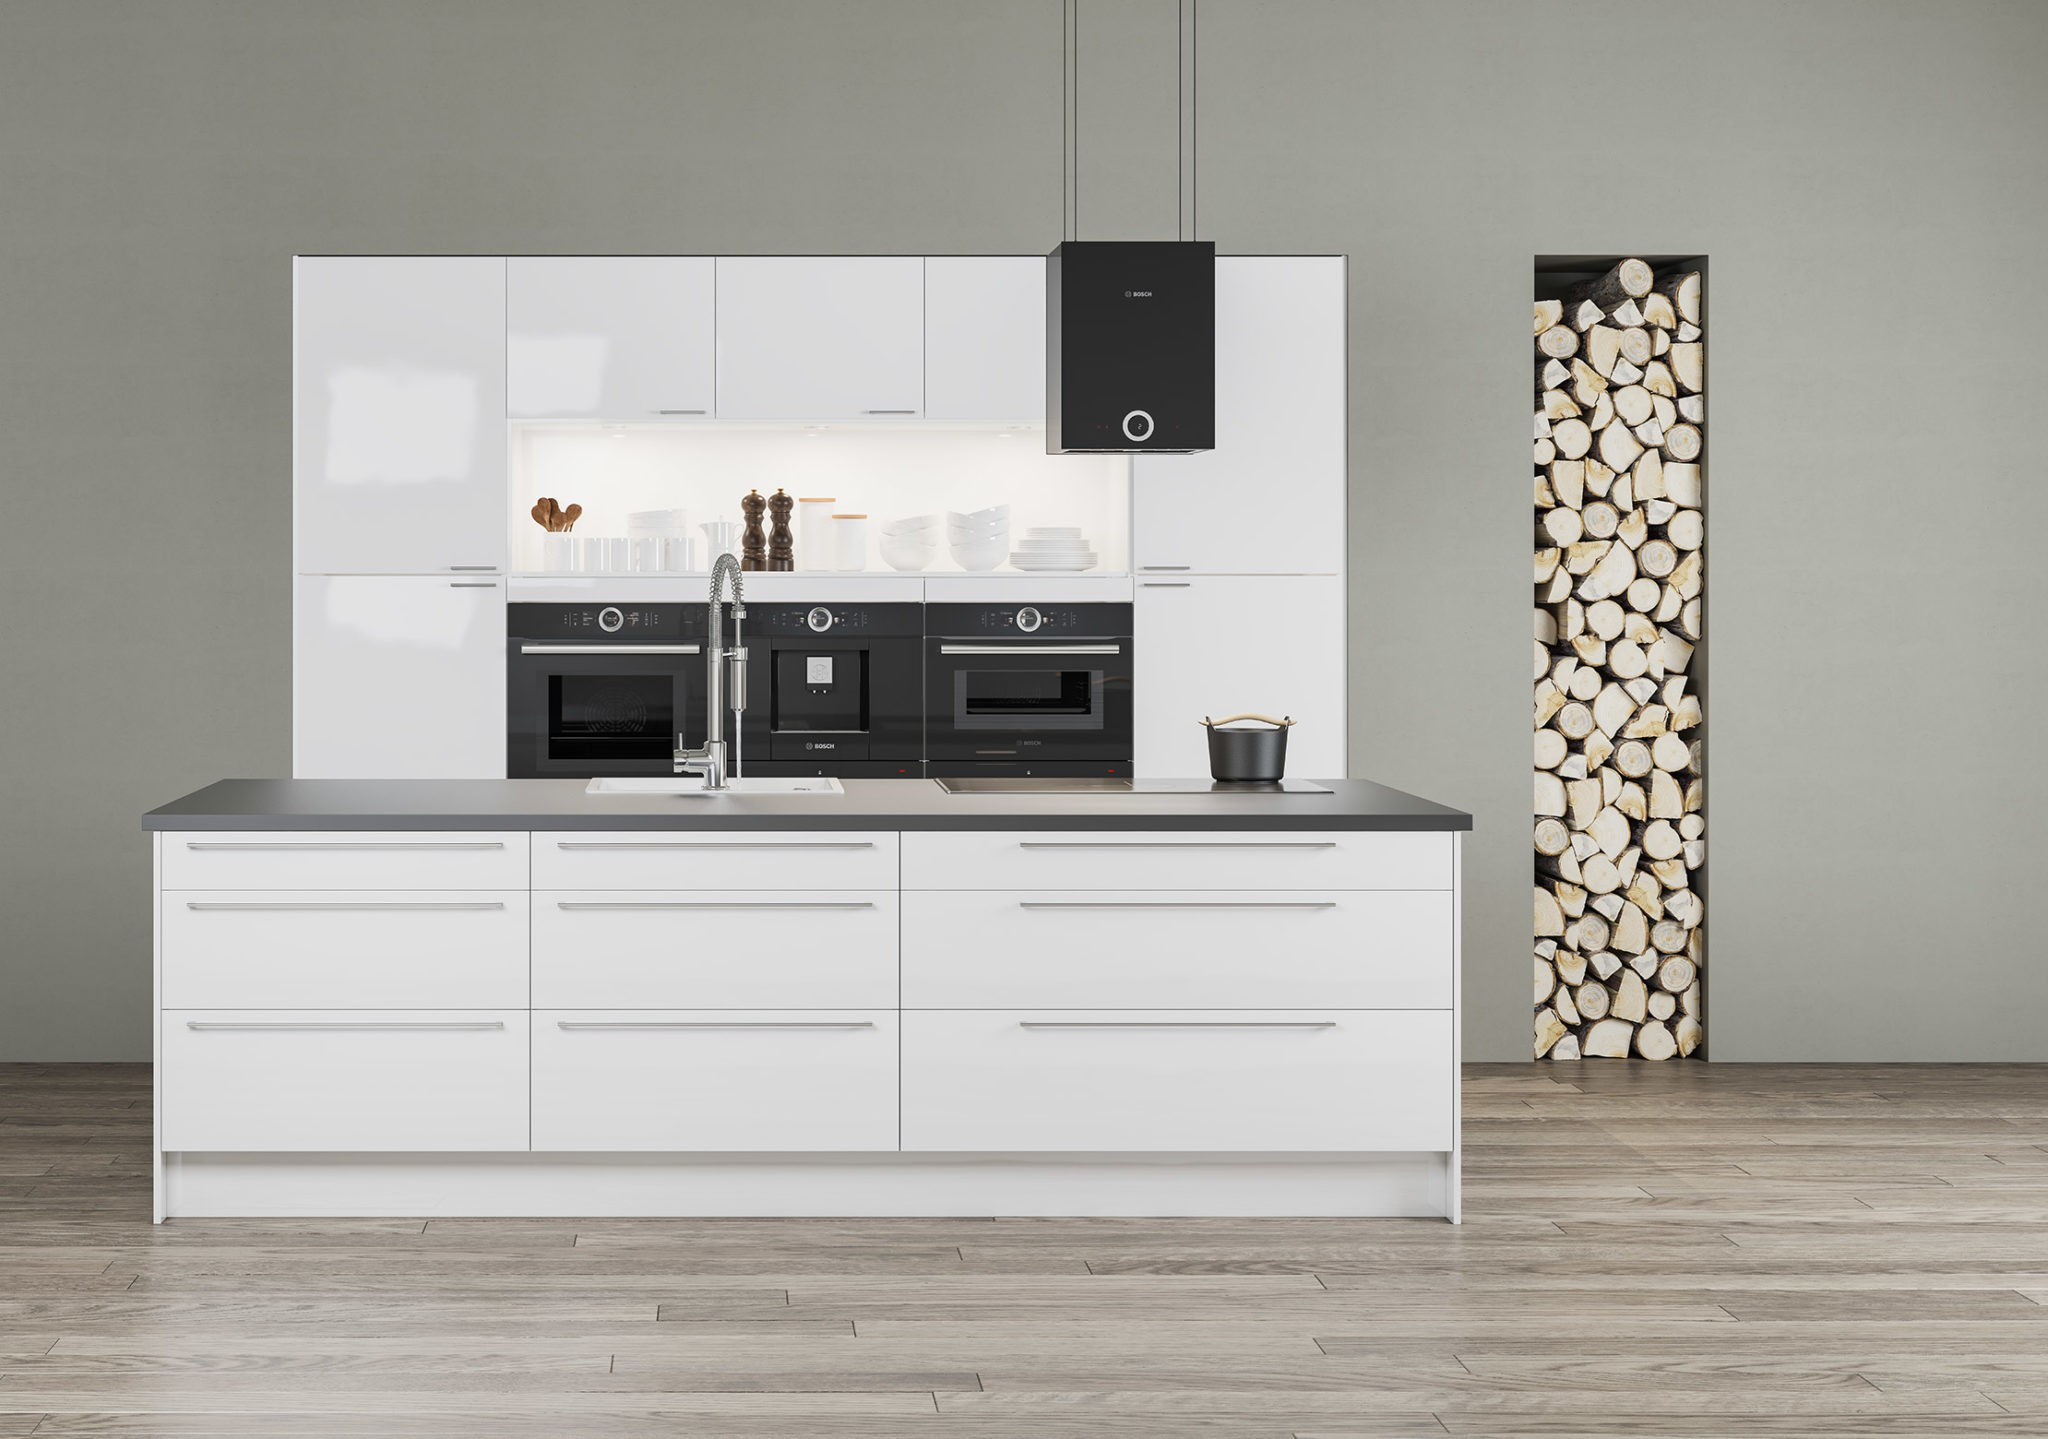 Köksinspiration - Gloss - Modernt kök i högblankt från Epoq hos Elgiganten